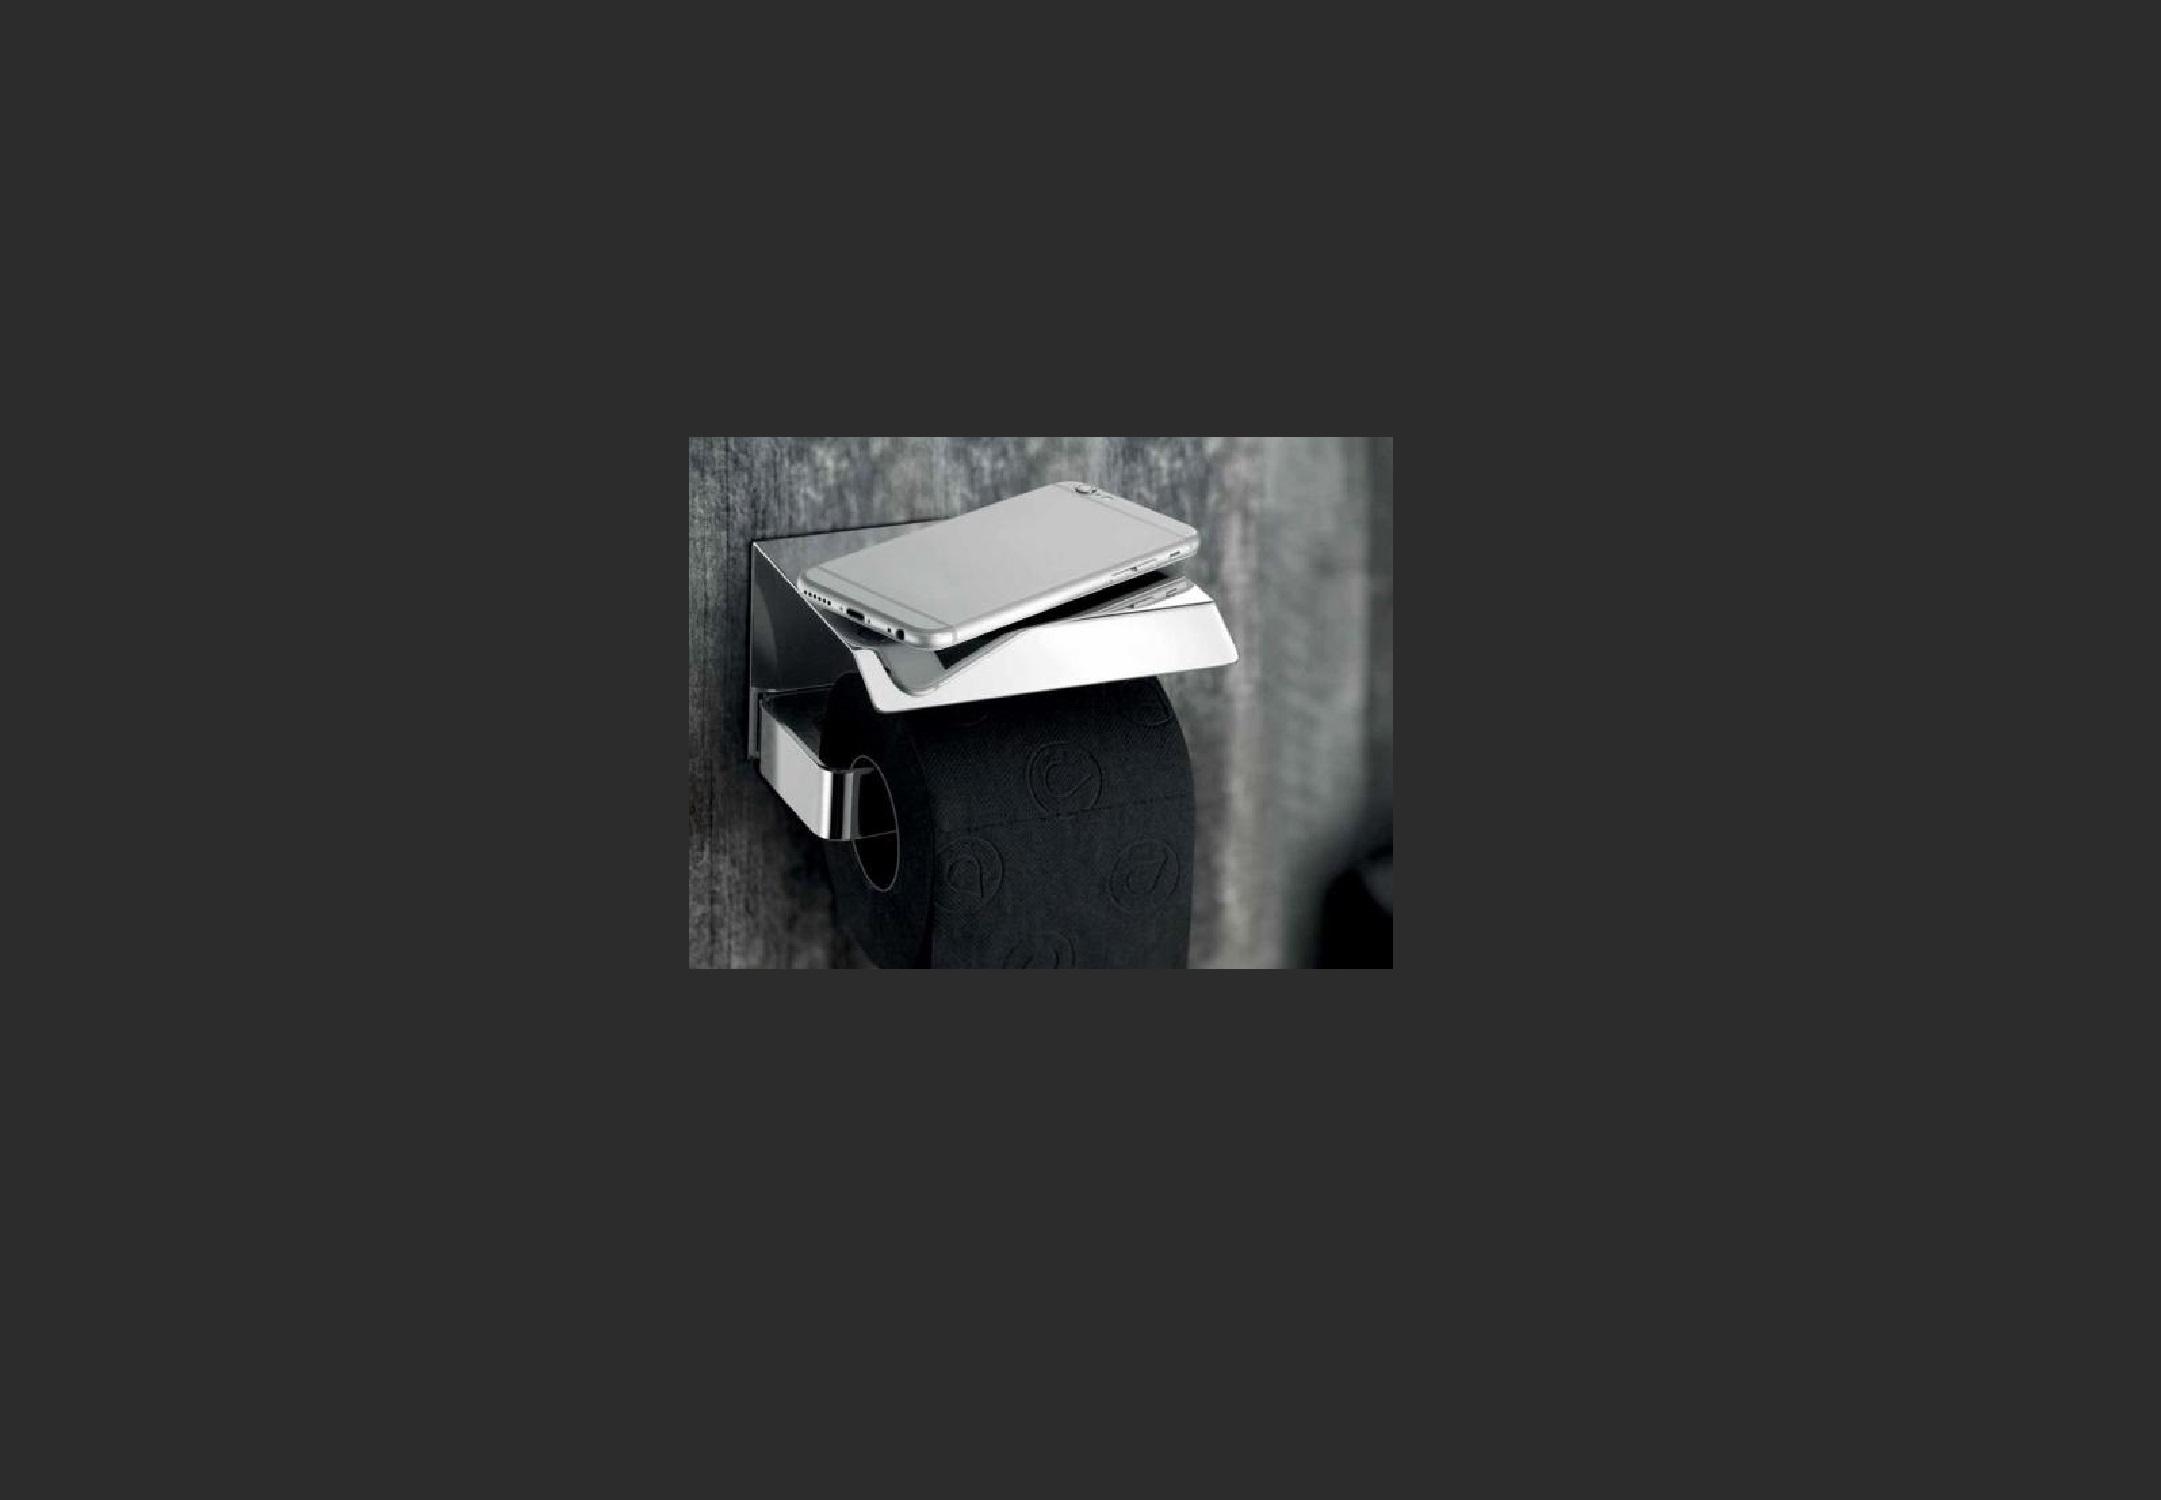 ΑΞΕΣΟΥΑΡ ΜΠΑΝΙΟΥ | ΕΞΟΠΛΙΣΜΟΣ ΜΠΑΝΙΟΥ